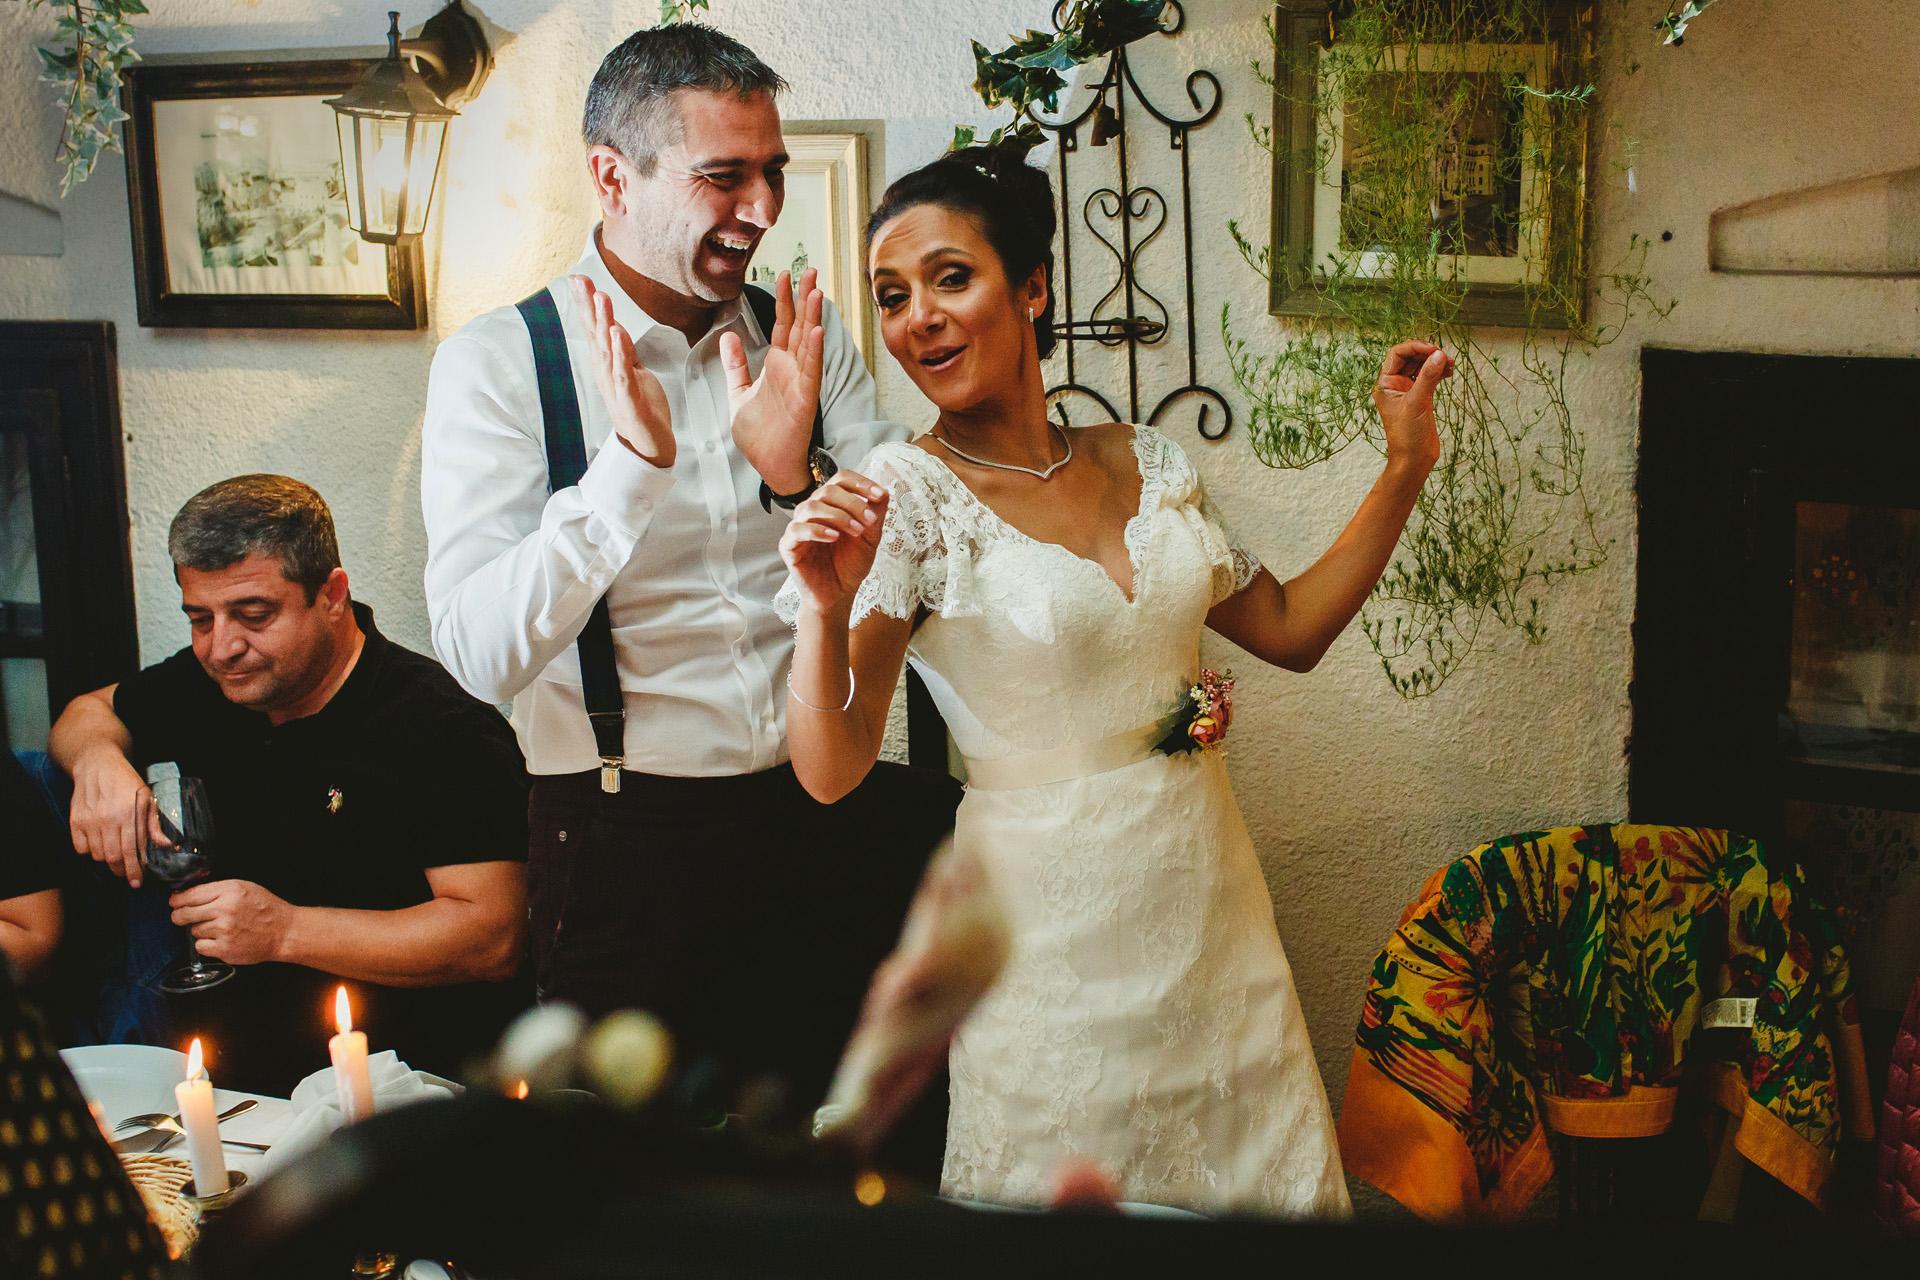 Skadarlija, Belgrade, Serbie Photographie de mariage | tout le monde pouvait danser comme à la maison